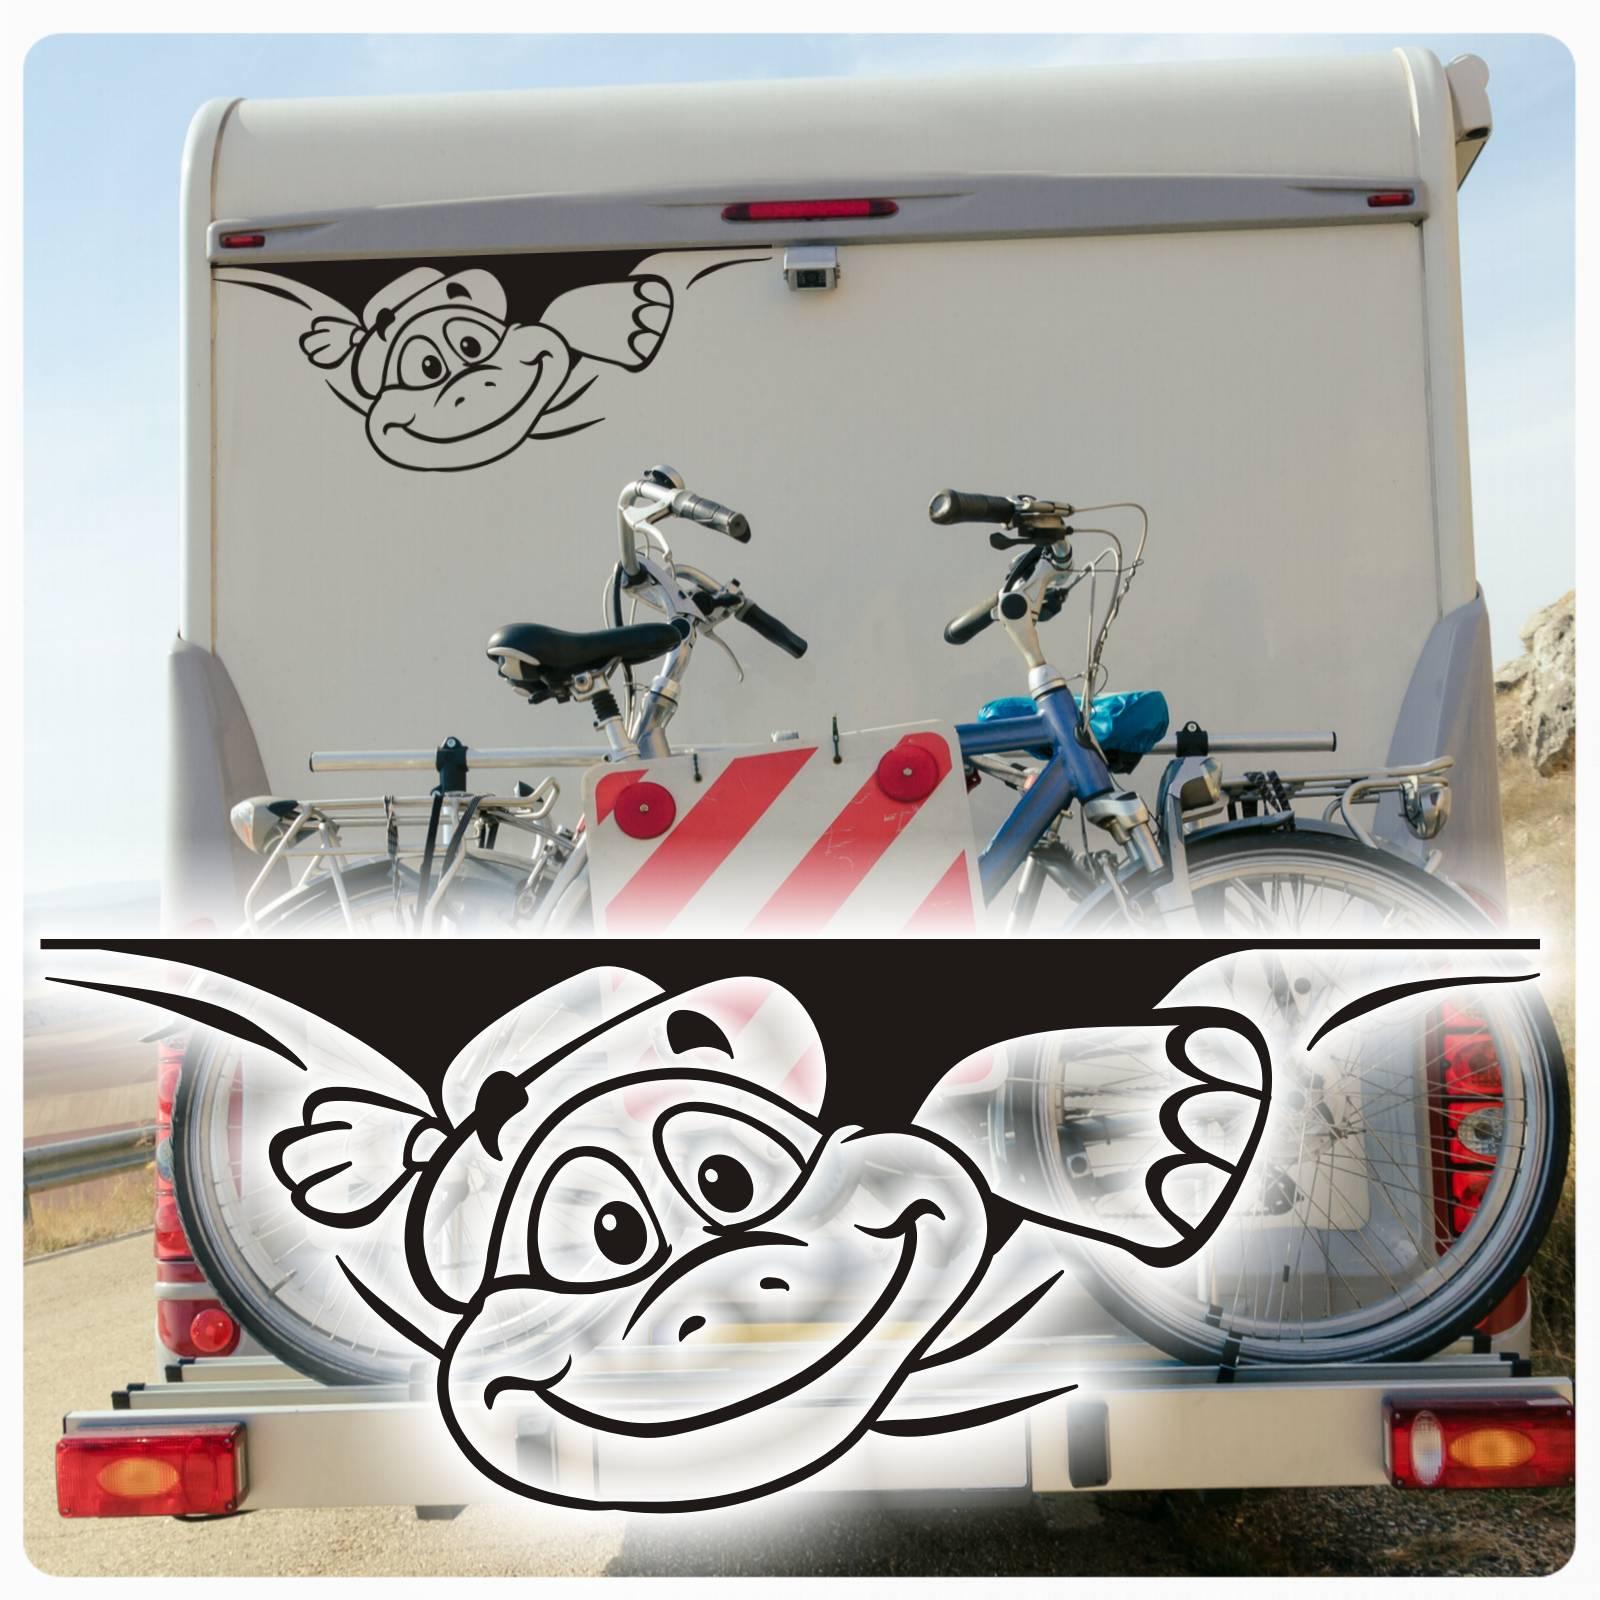 Schildkröte Sticker Auto Aufkleber Wohnmobil WOMO Hetz mich nicht